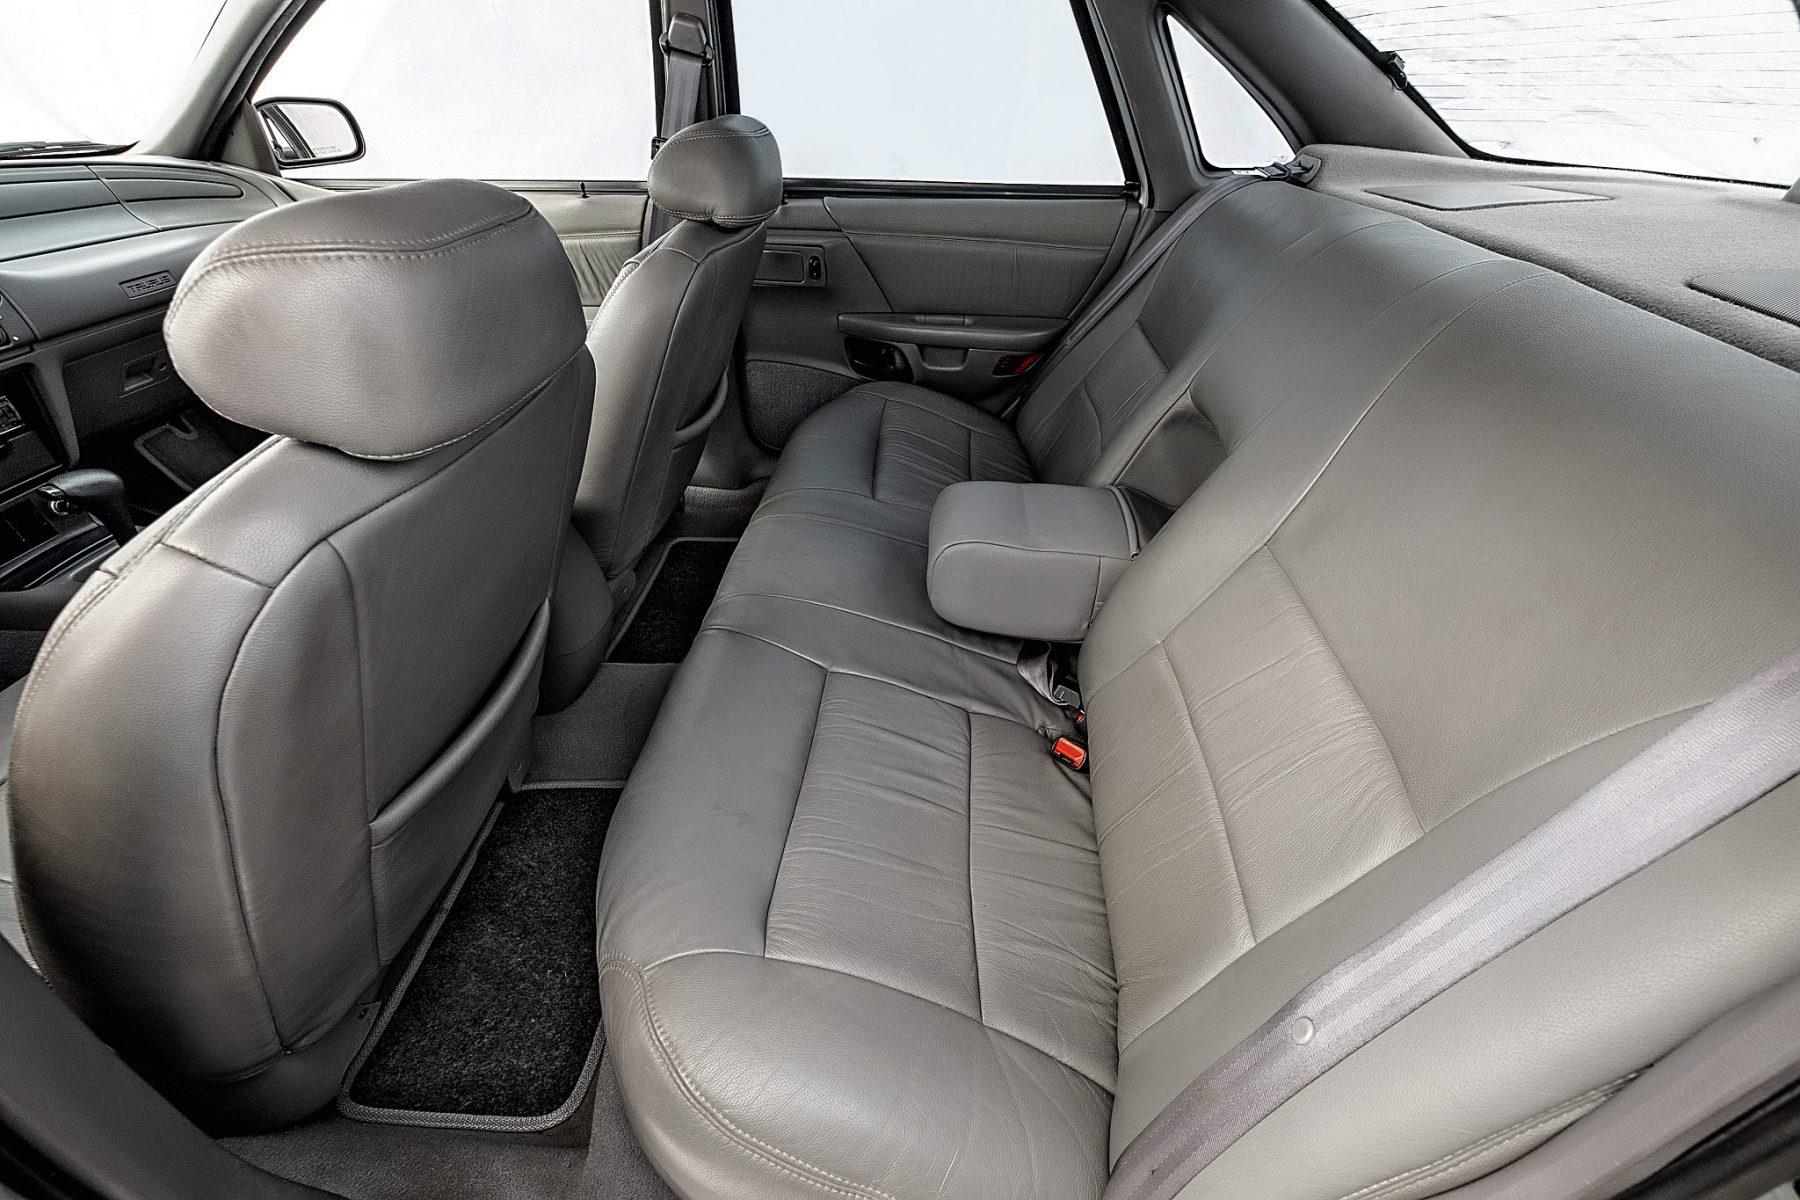 Ford Taurus GL 1994 bancos traseiros